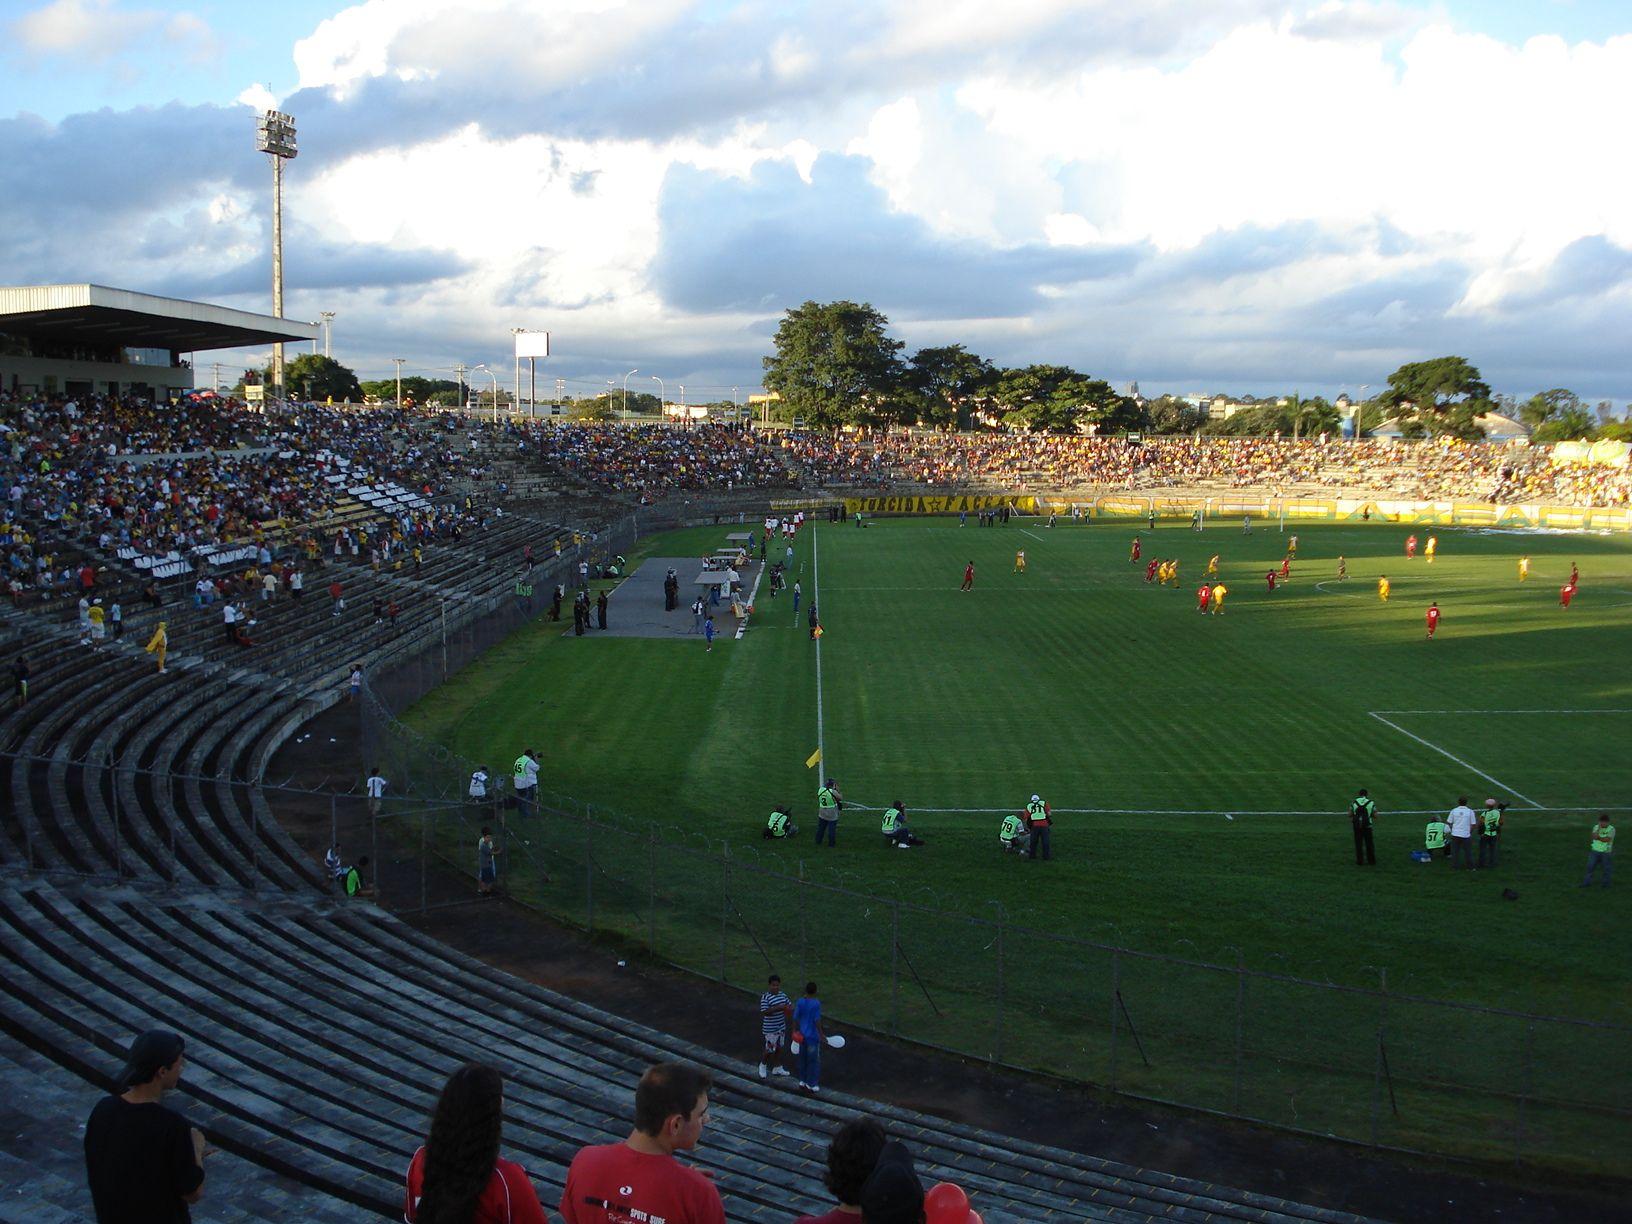 Estádio Elmo Serejo Farias (Boca do Jacaré) - Taguatinga (DF) - (Capacidade: 27 mil - Clubes: Taguatinga e Brasília